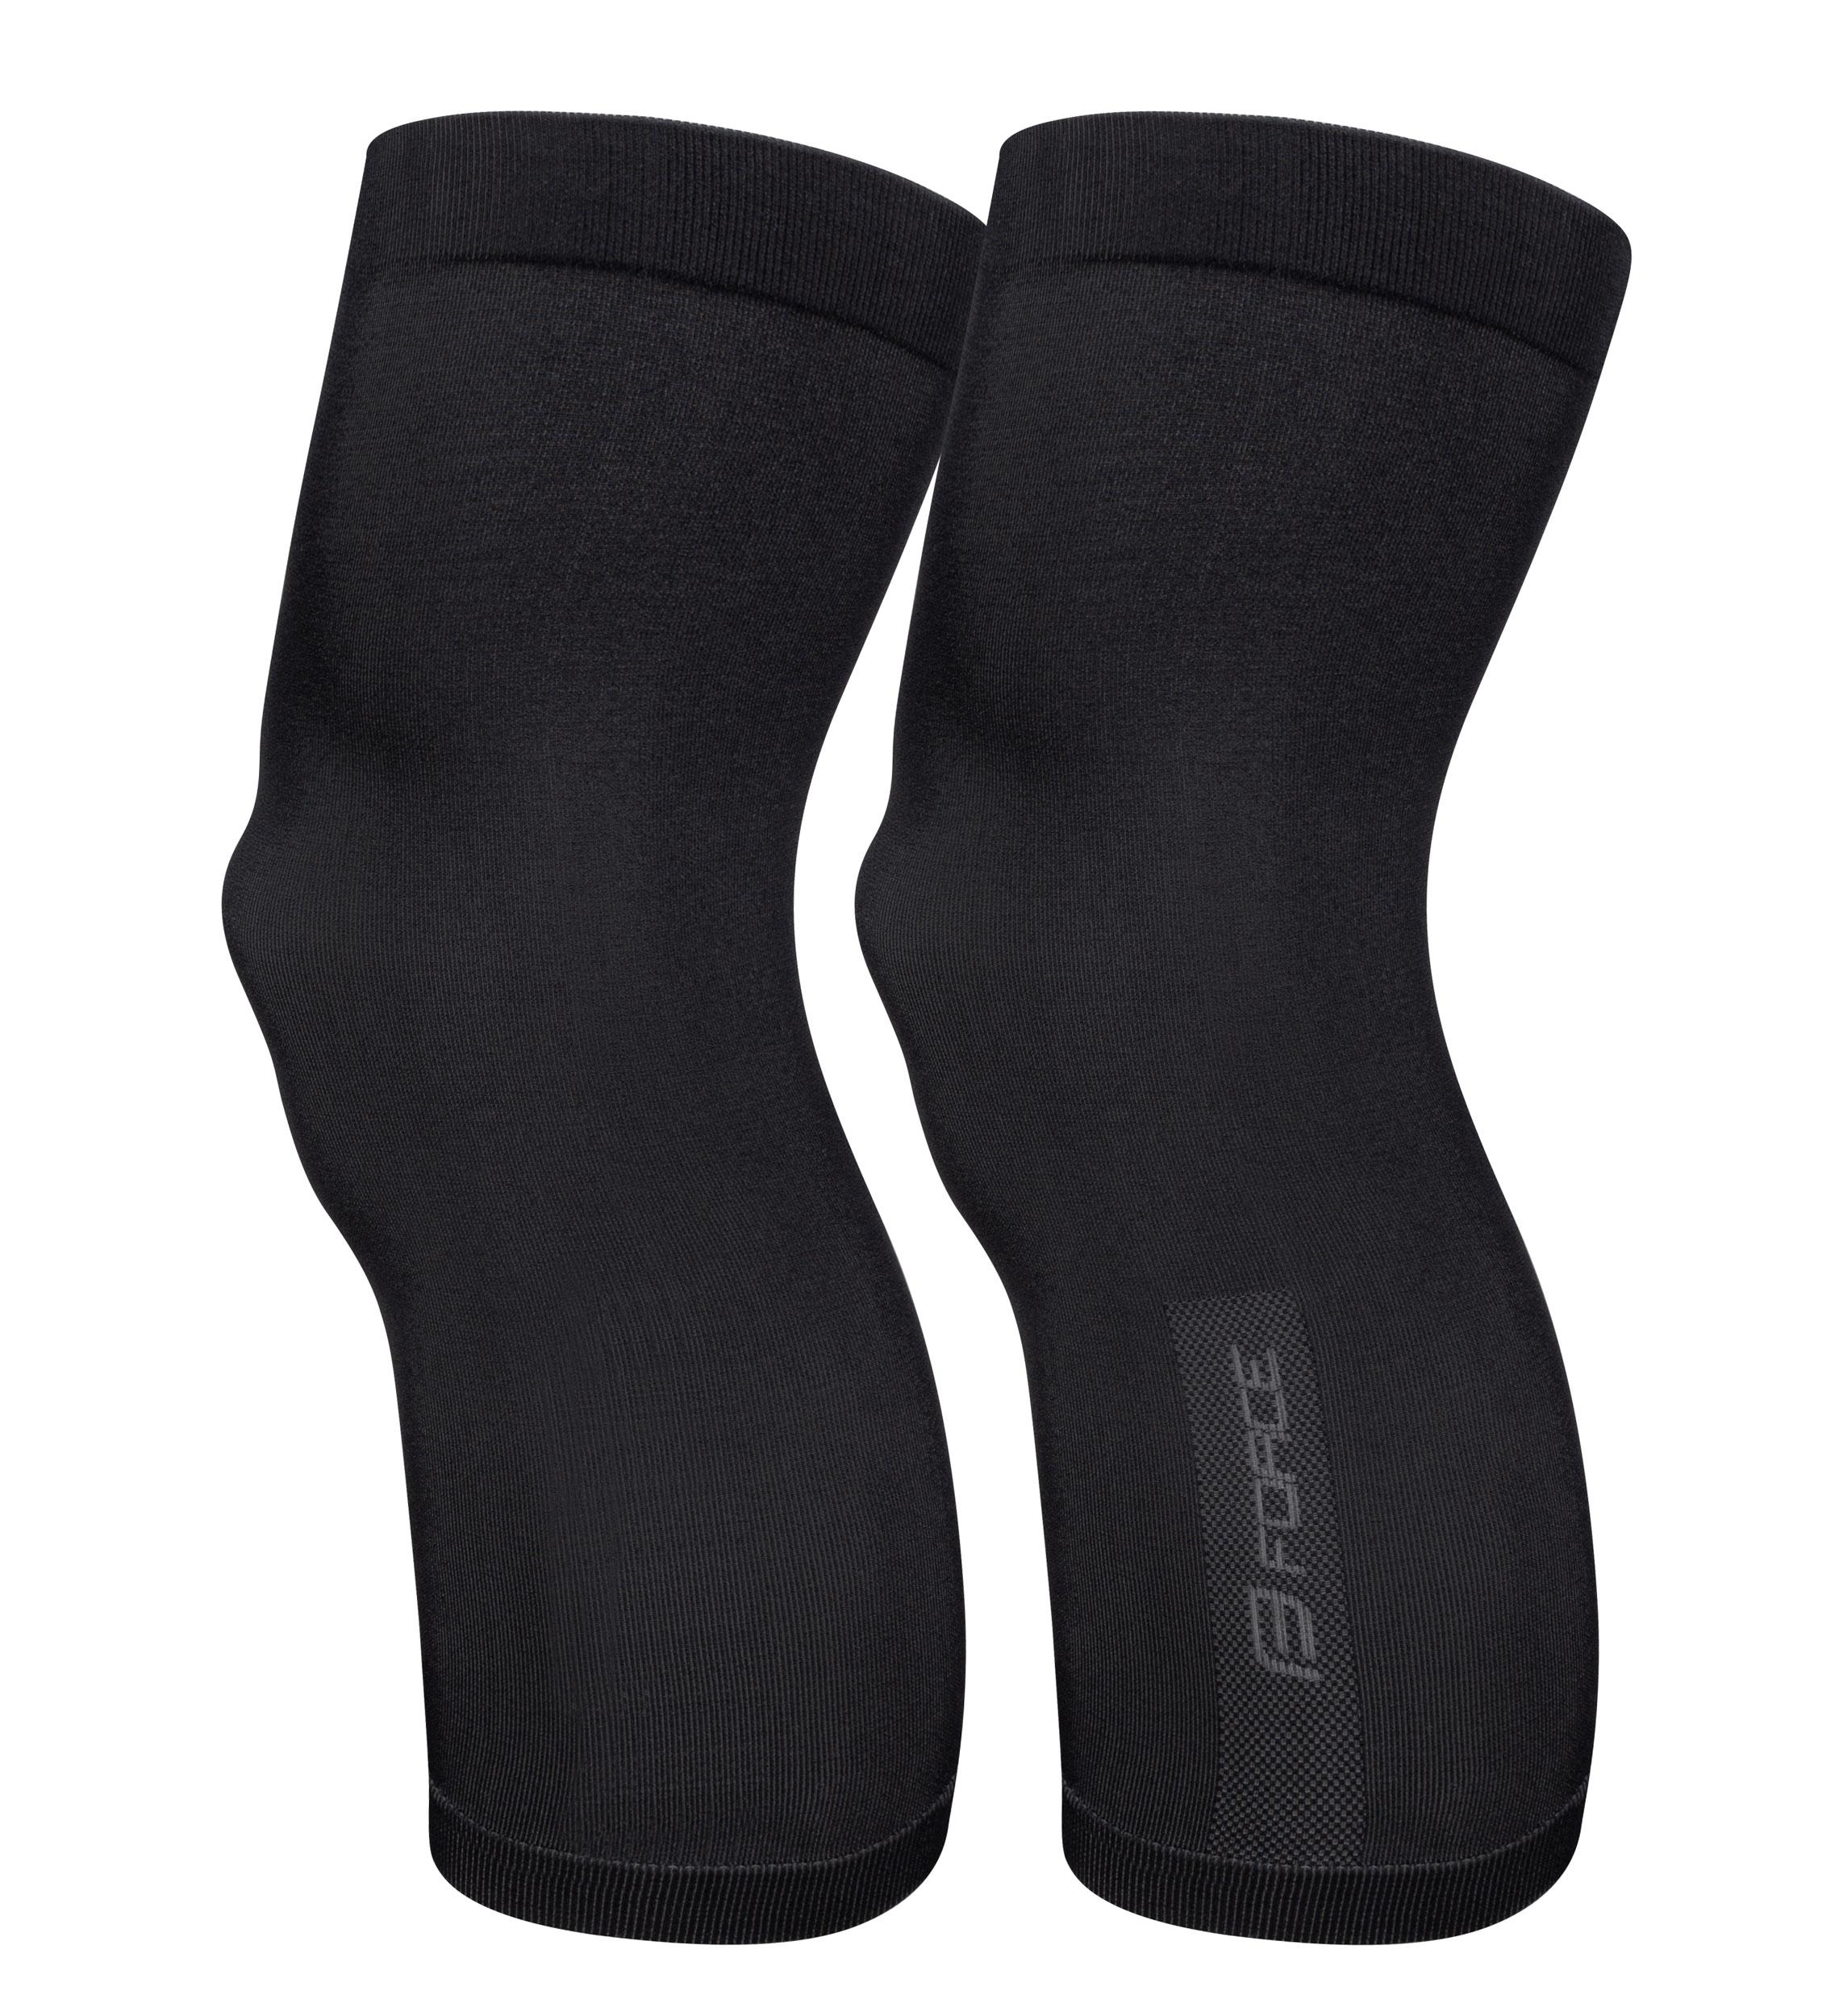 návleky na kolena FORCE BREEZE pletené, černé M-L